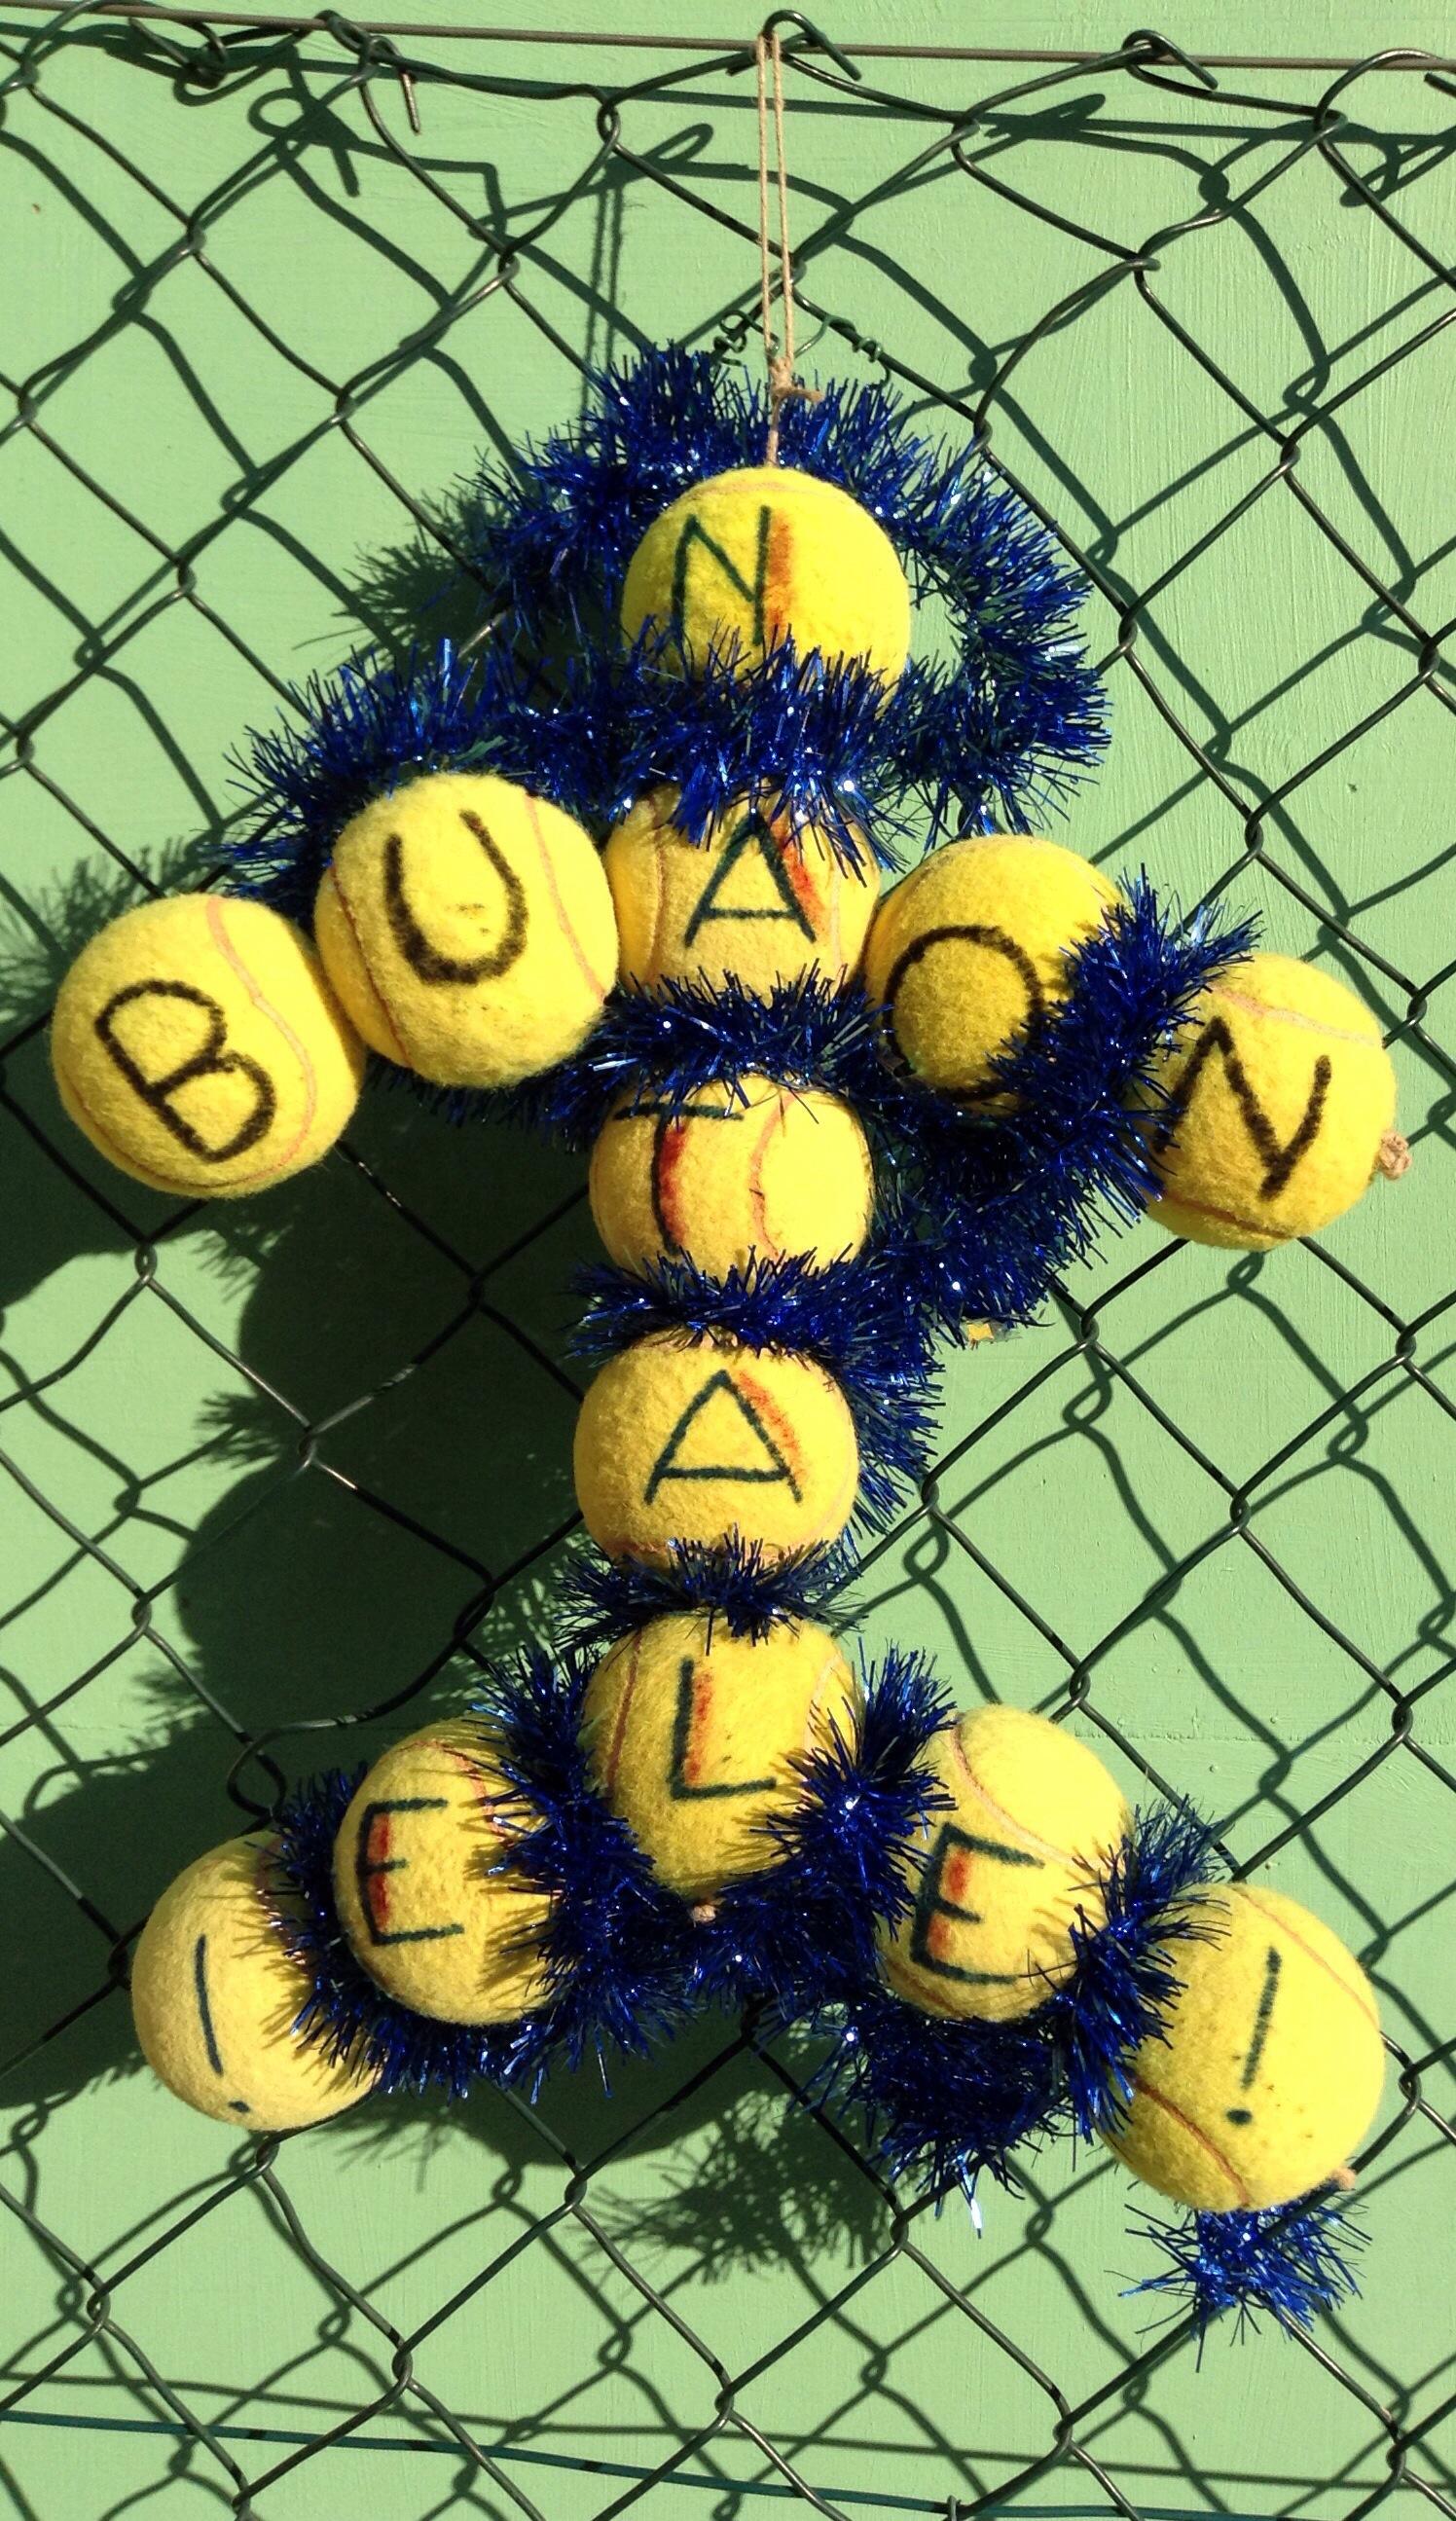 Auguri Di Natale Tennis.Auguri Di Buon Natale E Felice Anno Nuovo Funtennis A S D